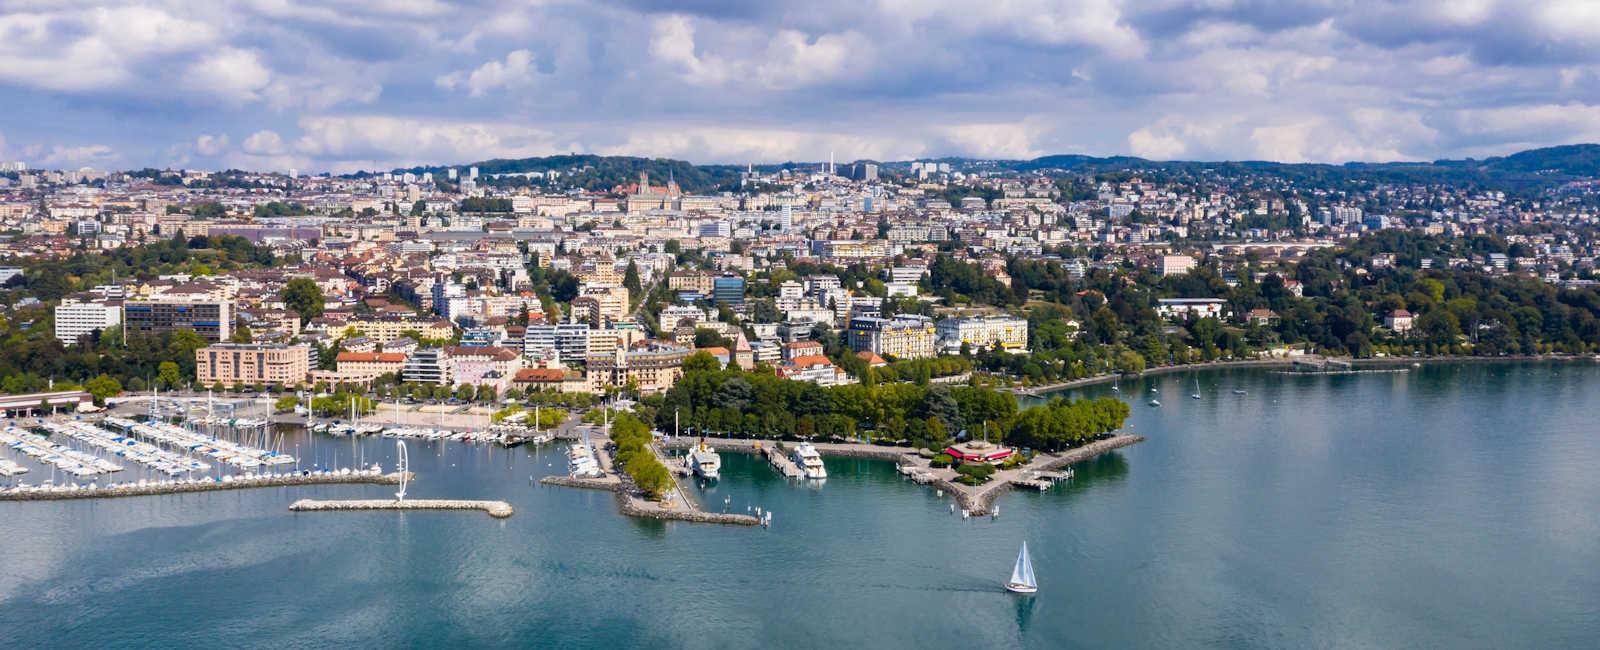 Lausanne, aerial view